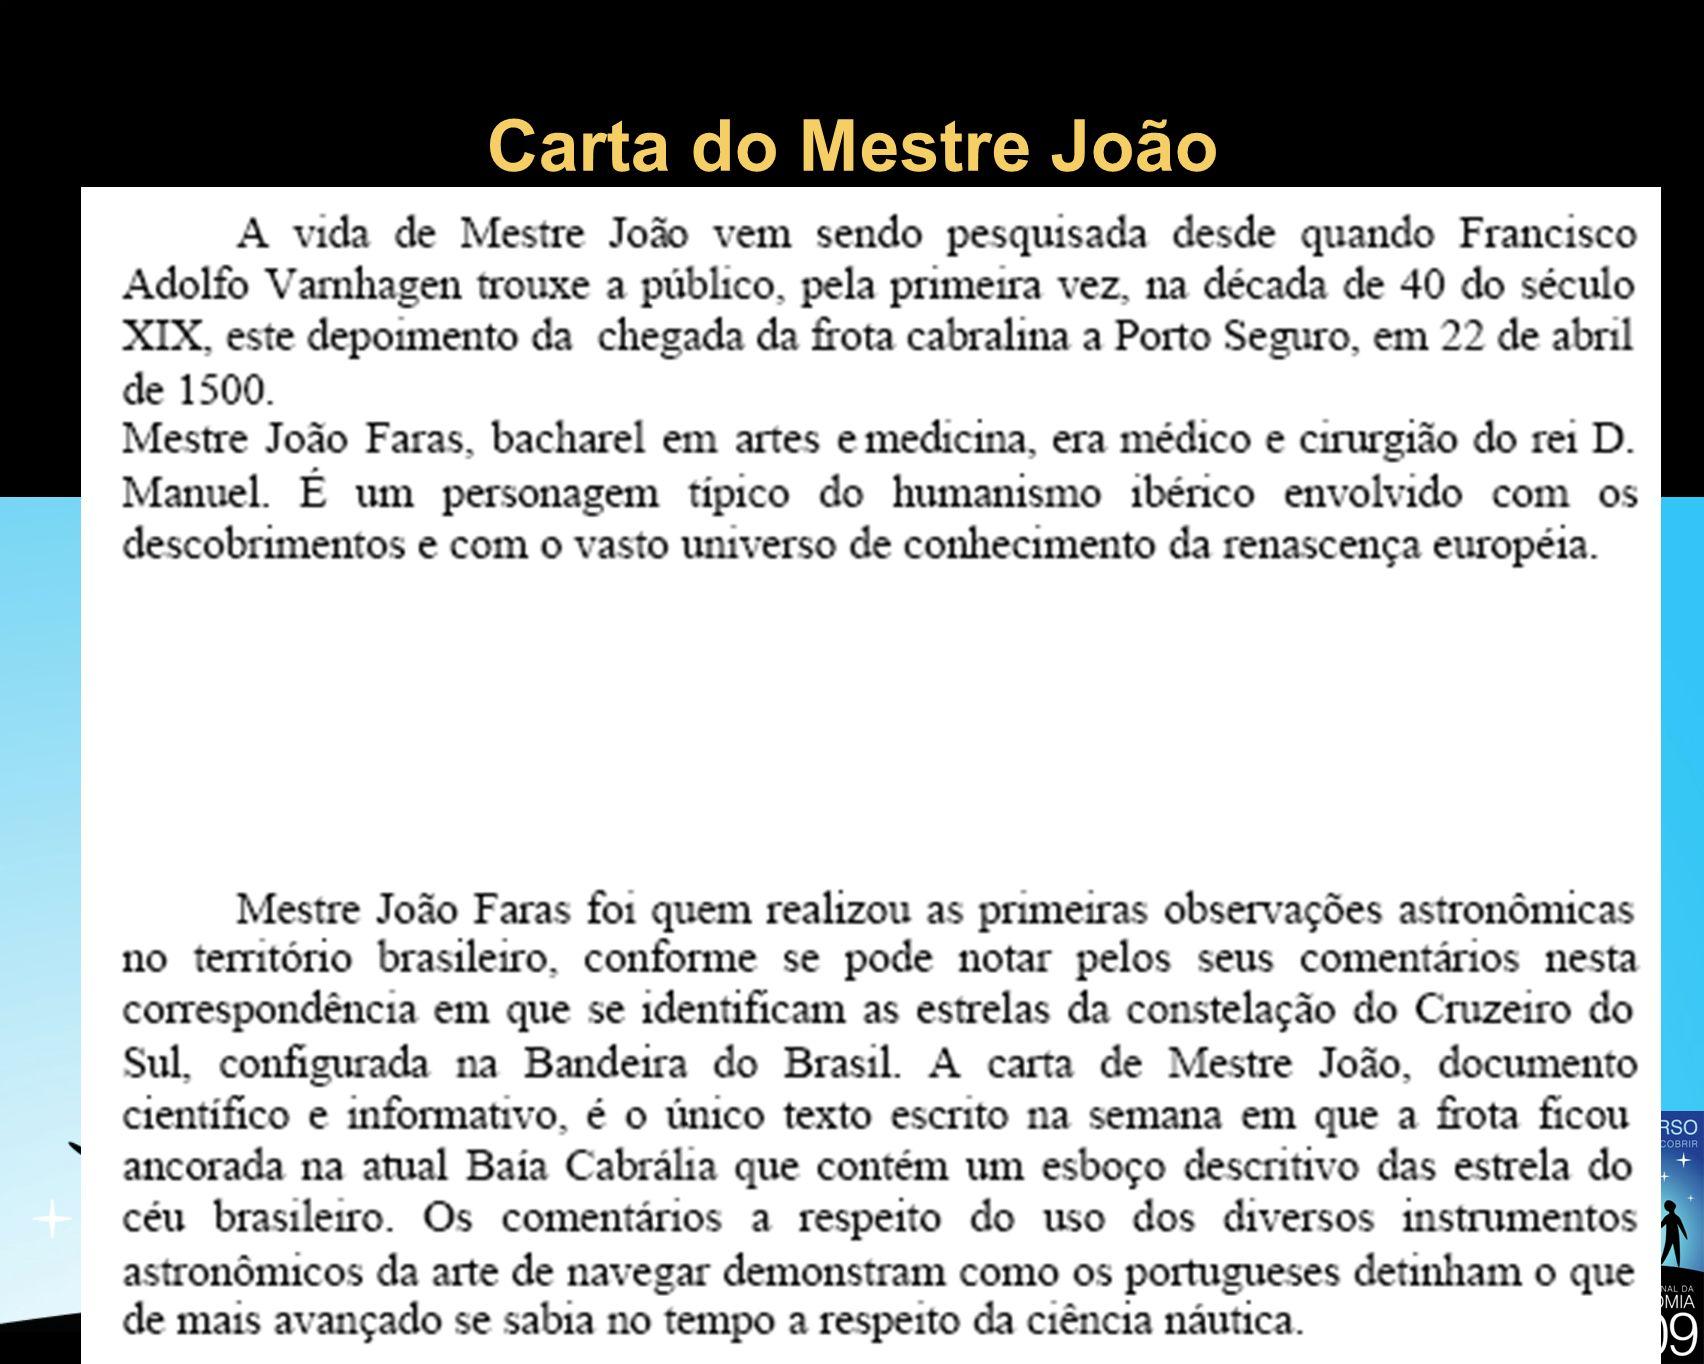 Carta do Mestre João